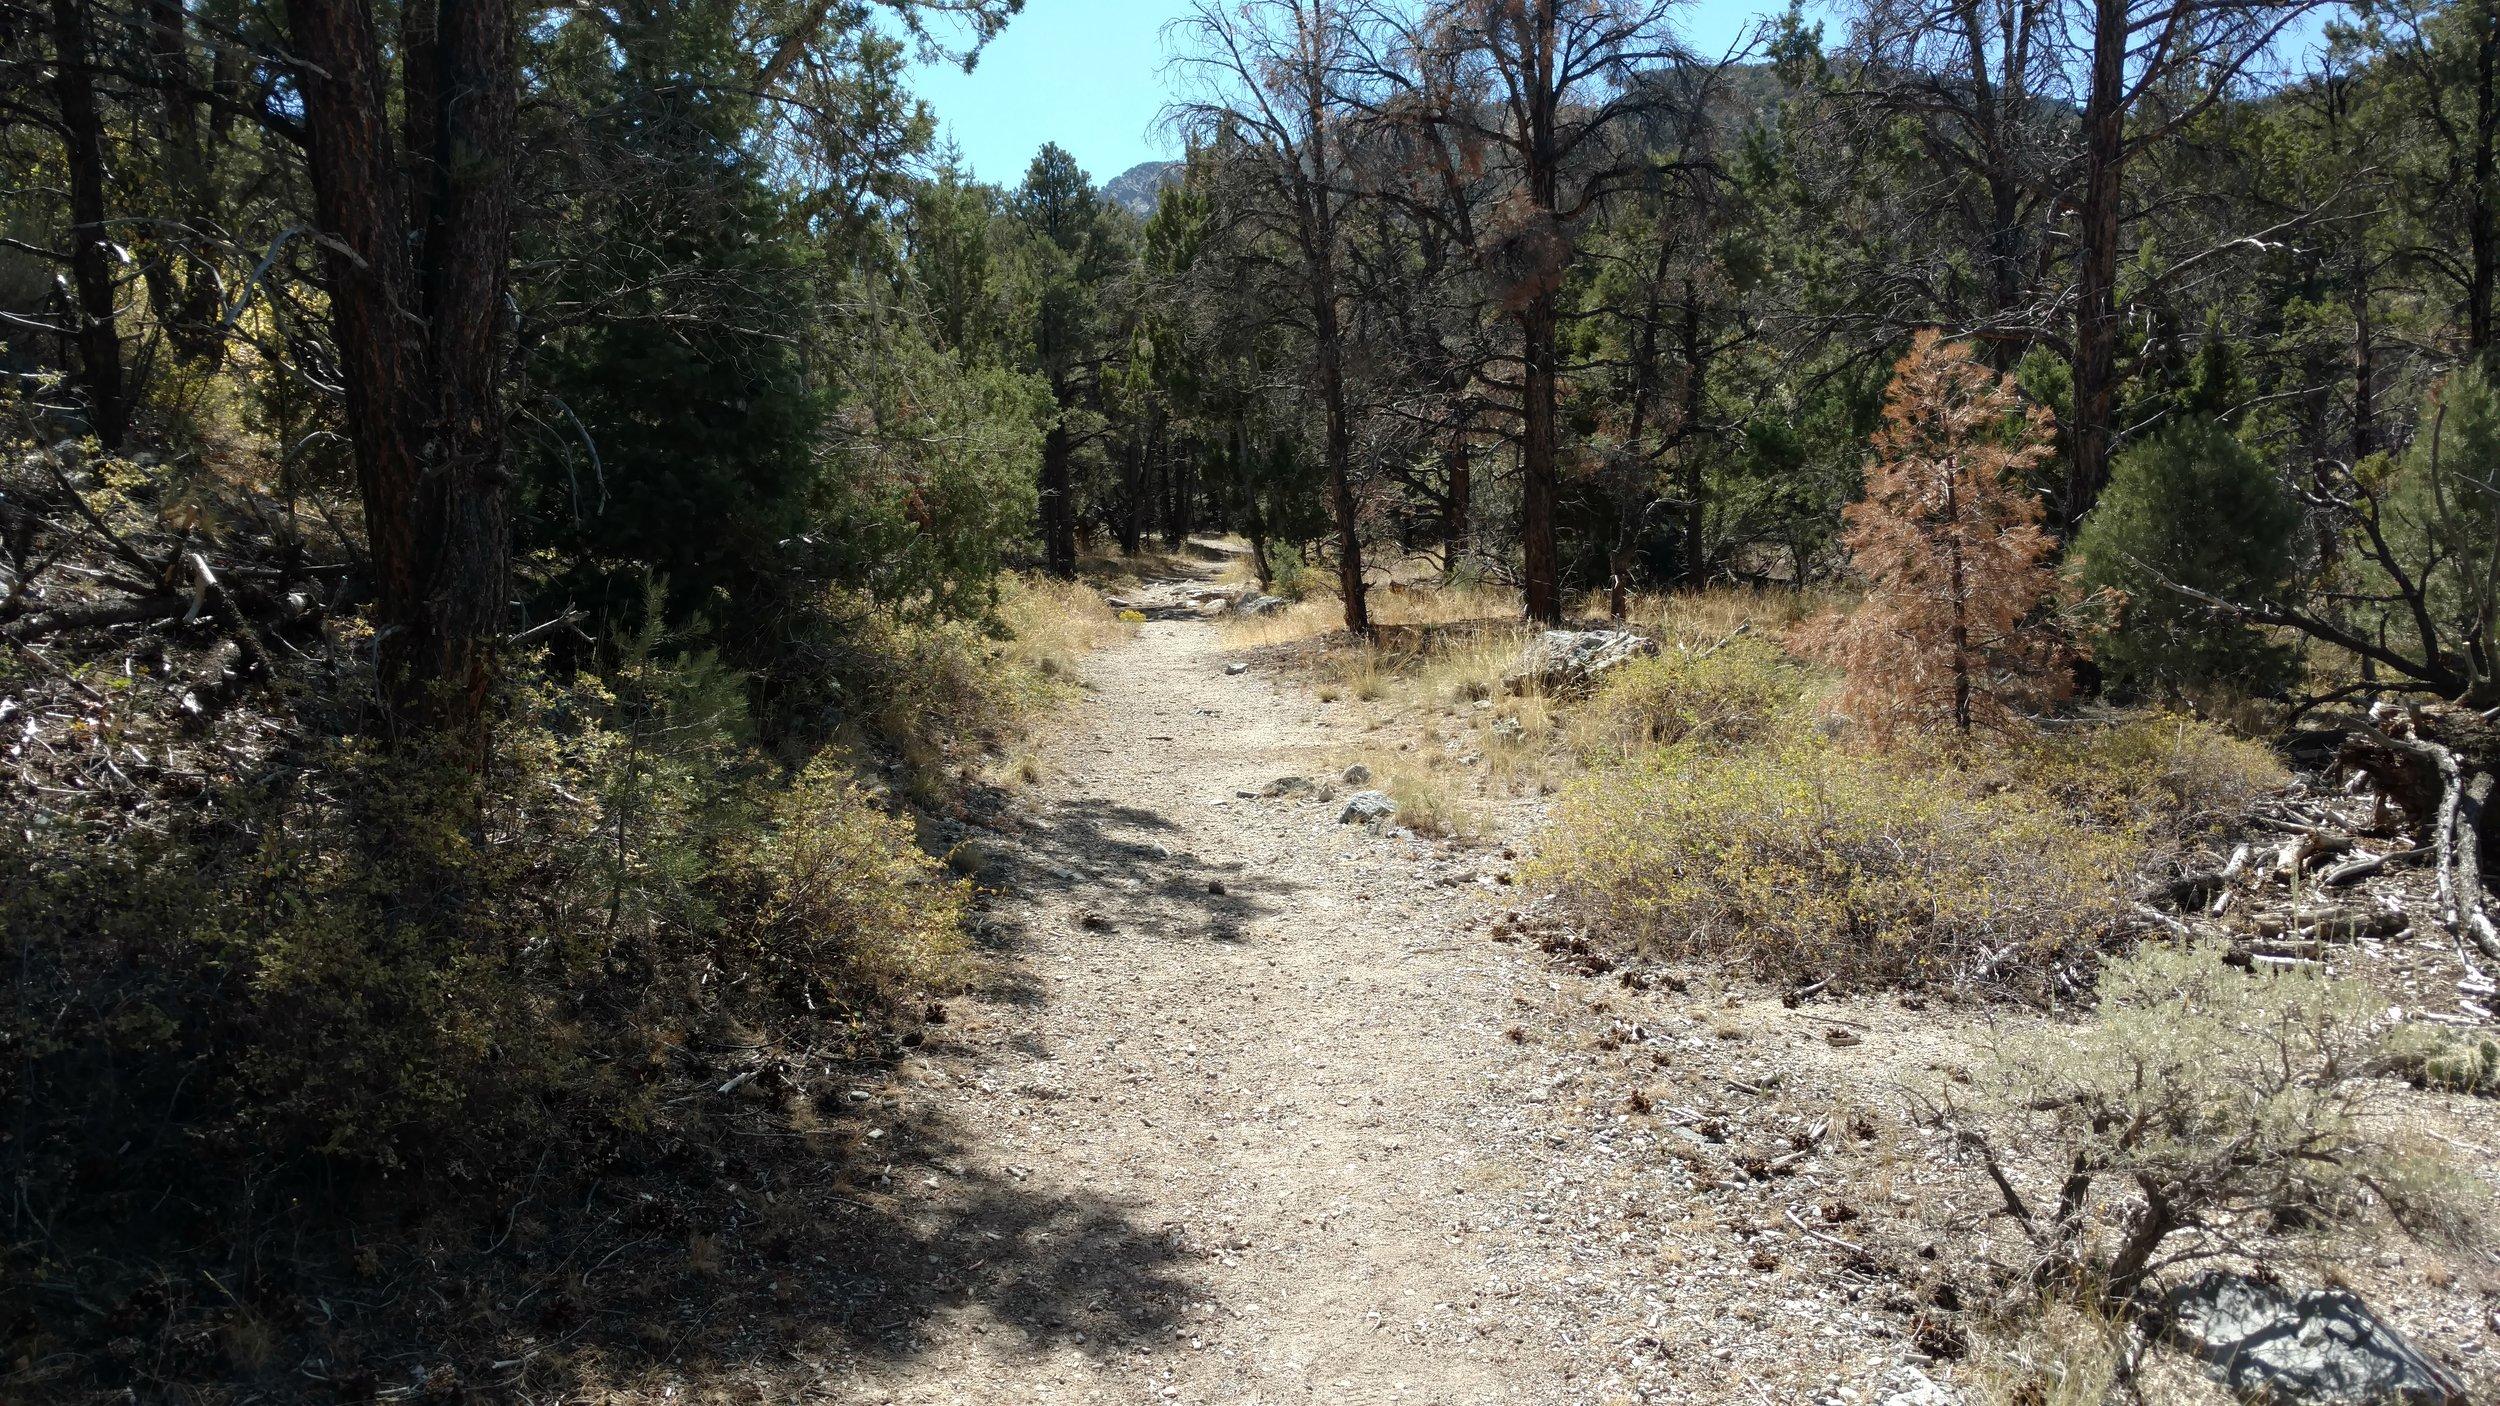 Pole Canyon Trail